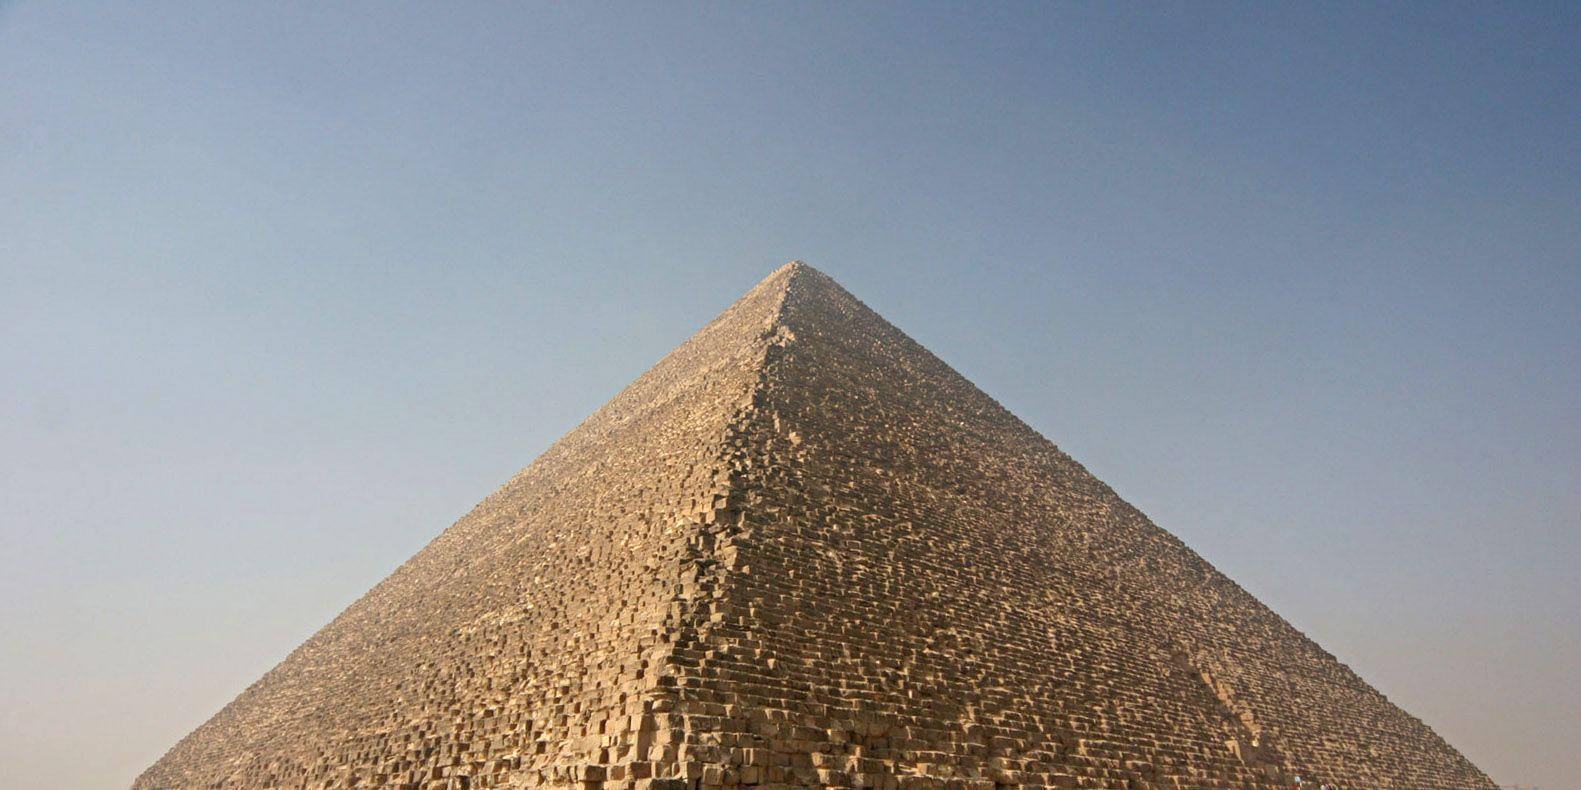 ¿Hay un trono hecho con hierro de meteoritos oculto en la pirámide de Keops?